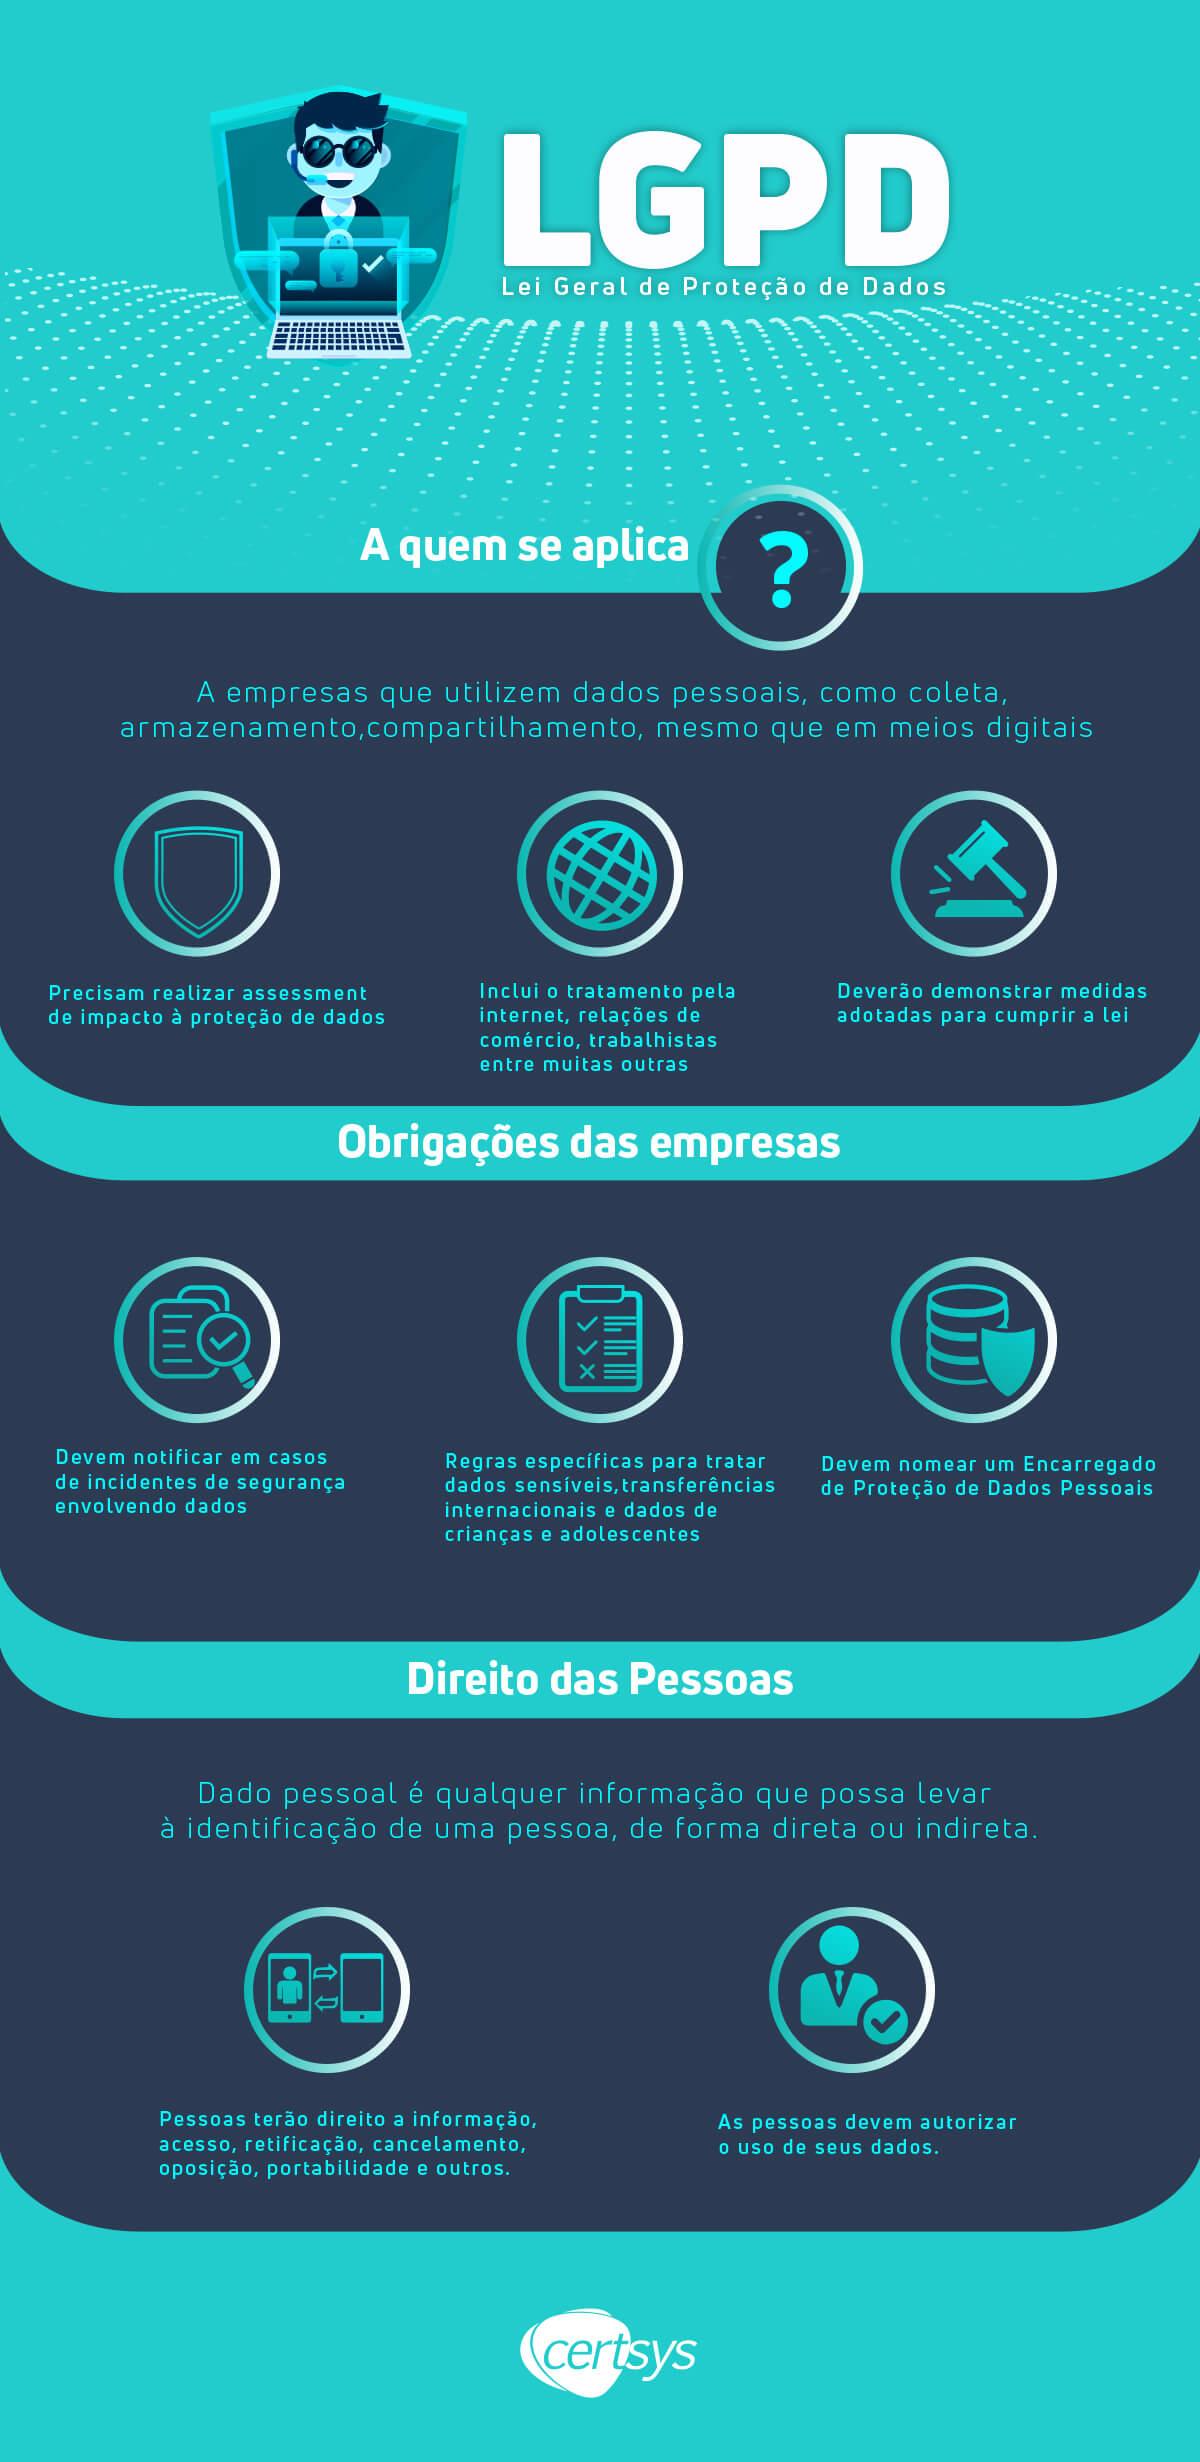 Lei_geral_de_proteção_de_dados